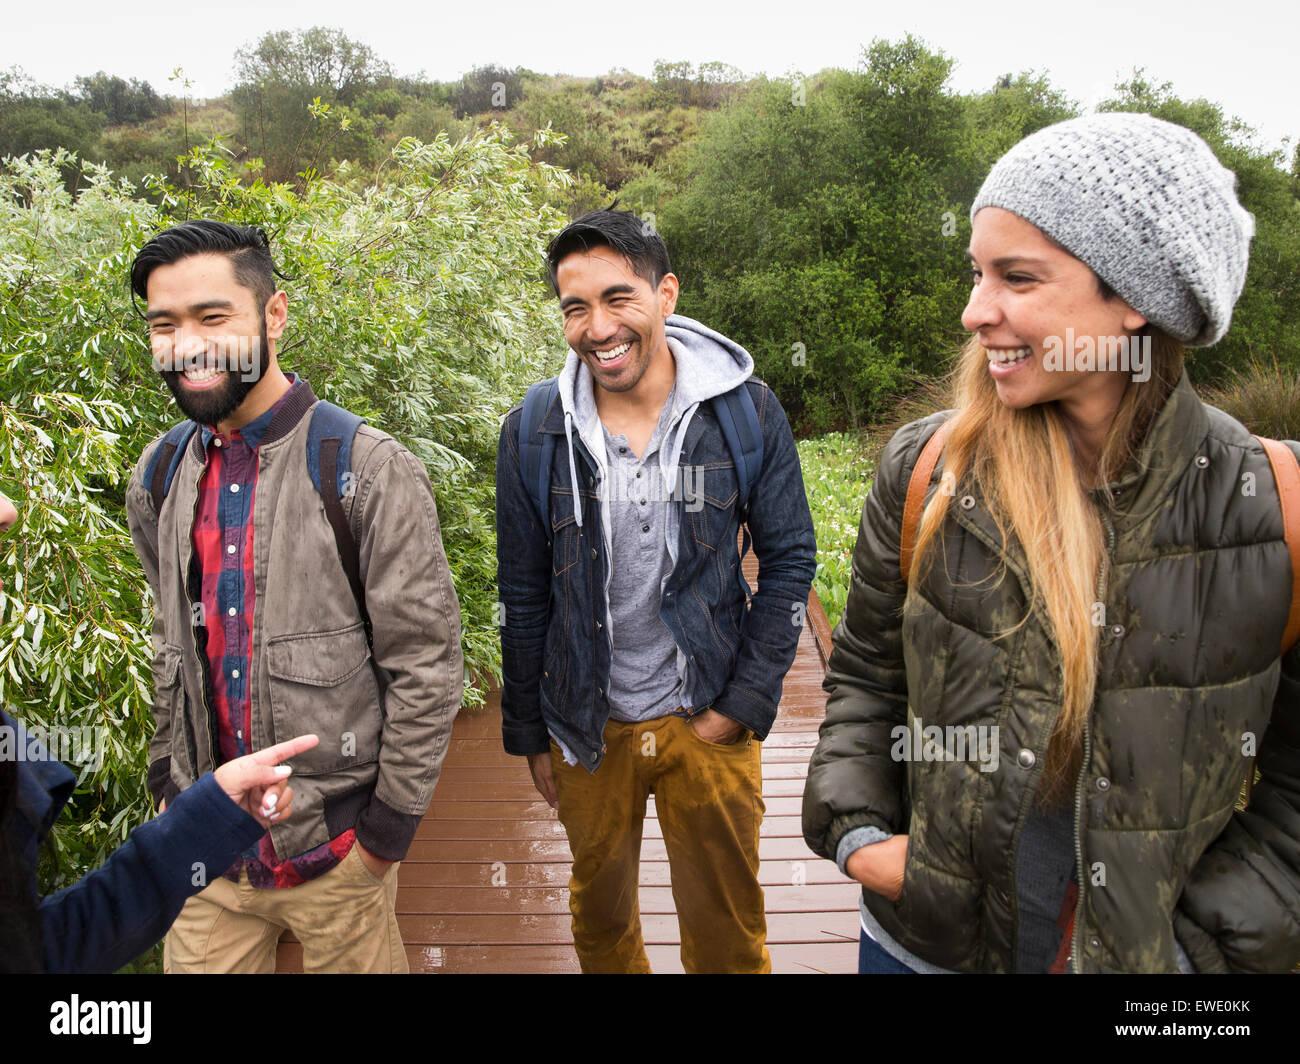 Mujer sonriente y dos jóvenes caminando en un parque Imagen De Stock